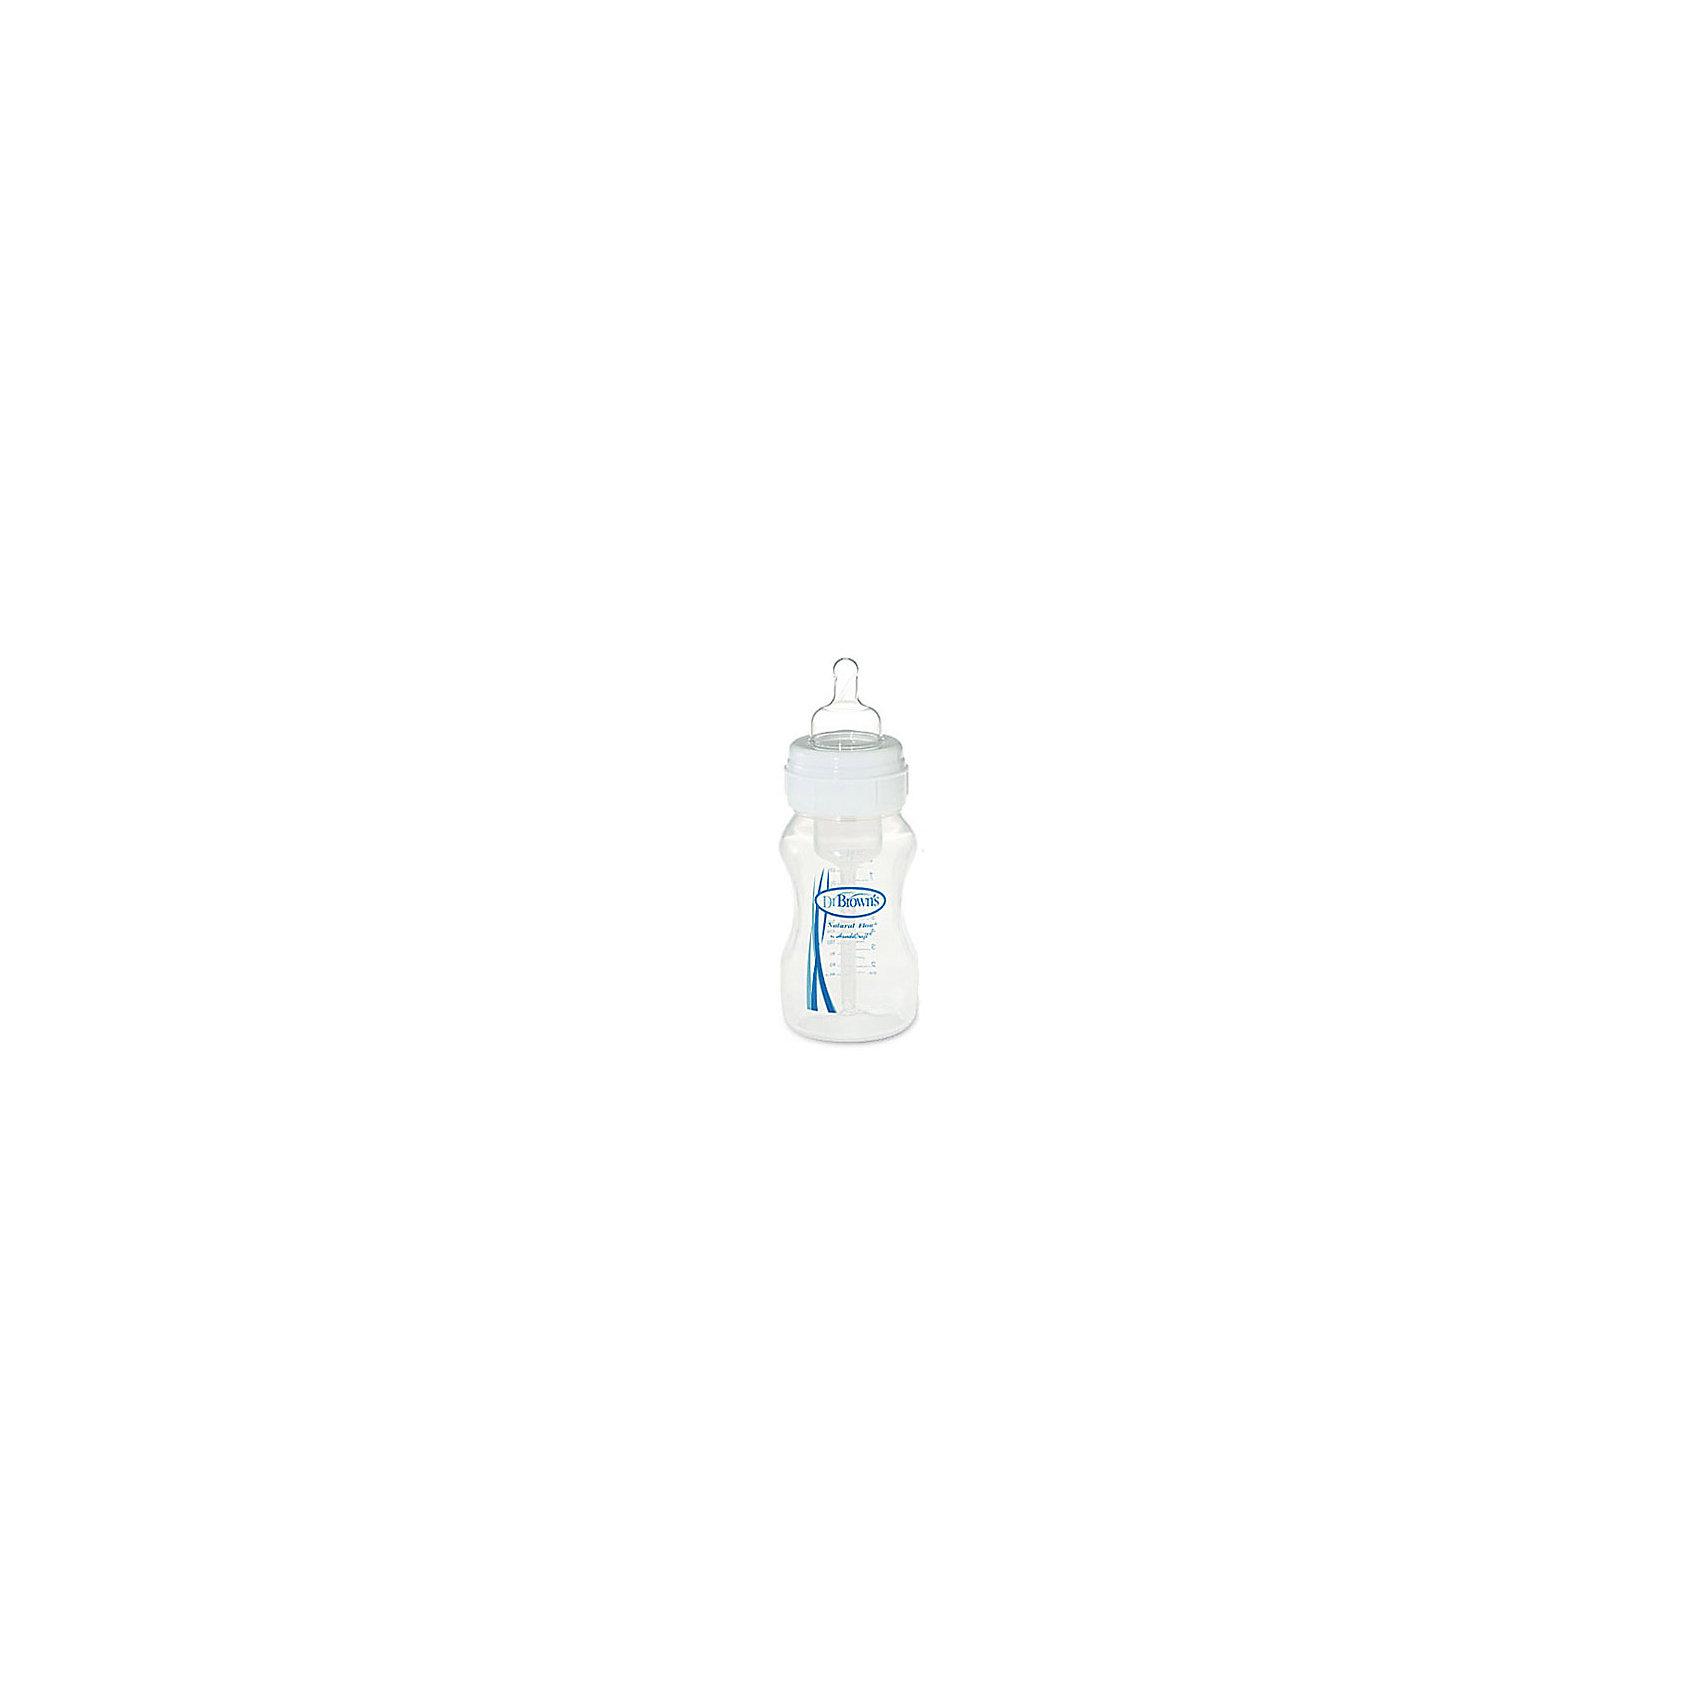 Бутылочка с широким горлышком 300 мл, полипропилен, Dr. BrownБутылочки и аксессуары<br>Бутылочка для кормления малыша с широким горлышком, создает условия, аналогичные кормлению грудью. Бутылочка прекрасно подойдет для смешенного и искусственного вскармливания, а уникальная вентиляционная система сведет к минимуму контакт воздуха с грудным молоком, сохраняя такие важные питательные вещества как витамины С, А и Е.<br><br>Дополнительная информация:<br><br>- Возраст: от 3 месяцев.<br>- 1 бутылочка.<br>- 1 соска .<br>- Ёршик для чистки вентиляционной системы.<br>- Объем: 300 мл.<br>- Материал: полипропилен, силикон.<br><br>Купить бутылочку с широким горлышком 300 мл., от Dr. Brown, можно в нашем магазине.<br><br>Ширина мм: 75<br>Глубина мм: 75<br>Высота мм: 227<br>Вес г: 163<br>Возраст от месяцев: -2147483648<br>Возраст до месяцев: 2147483647<br>Пол: Унисекс<br>Возраст: Детский<br>SKU: 4796743